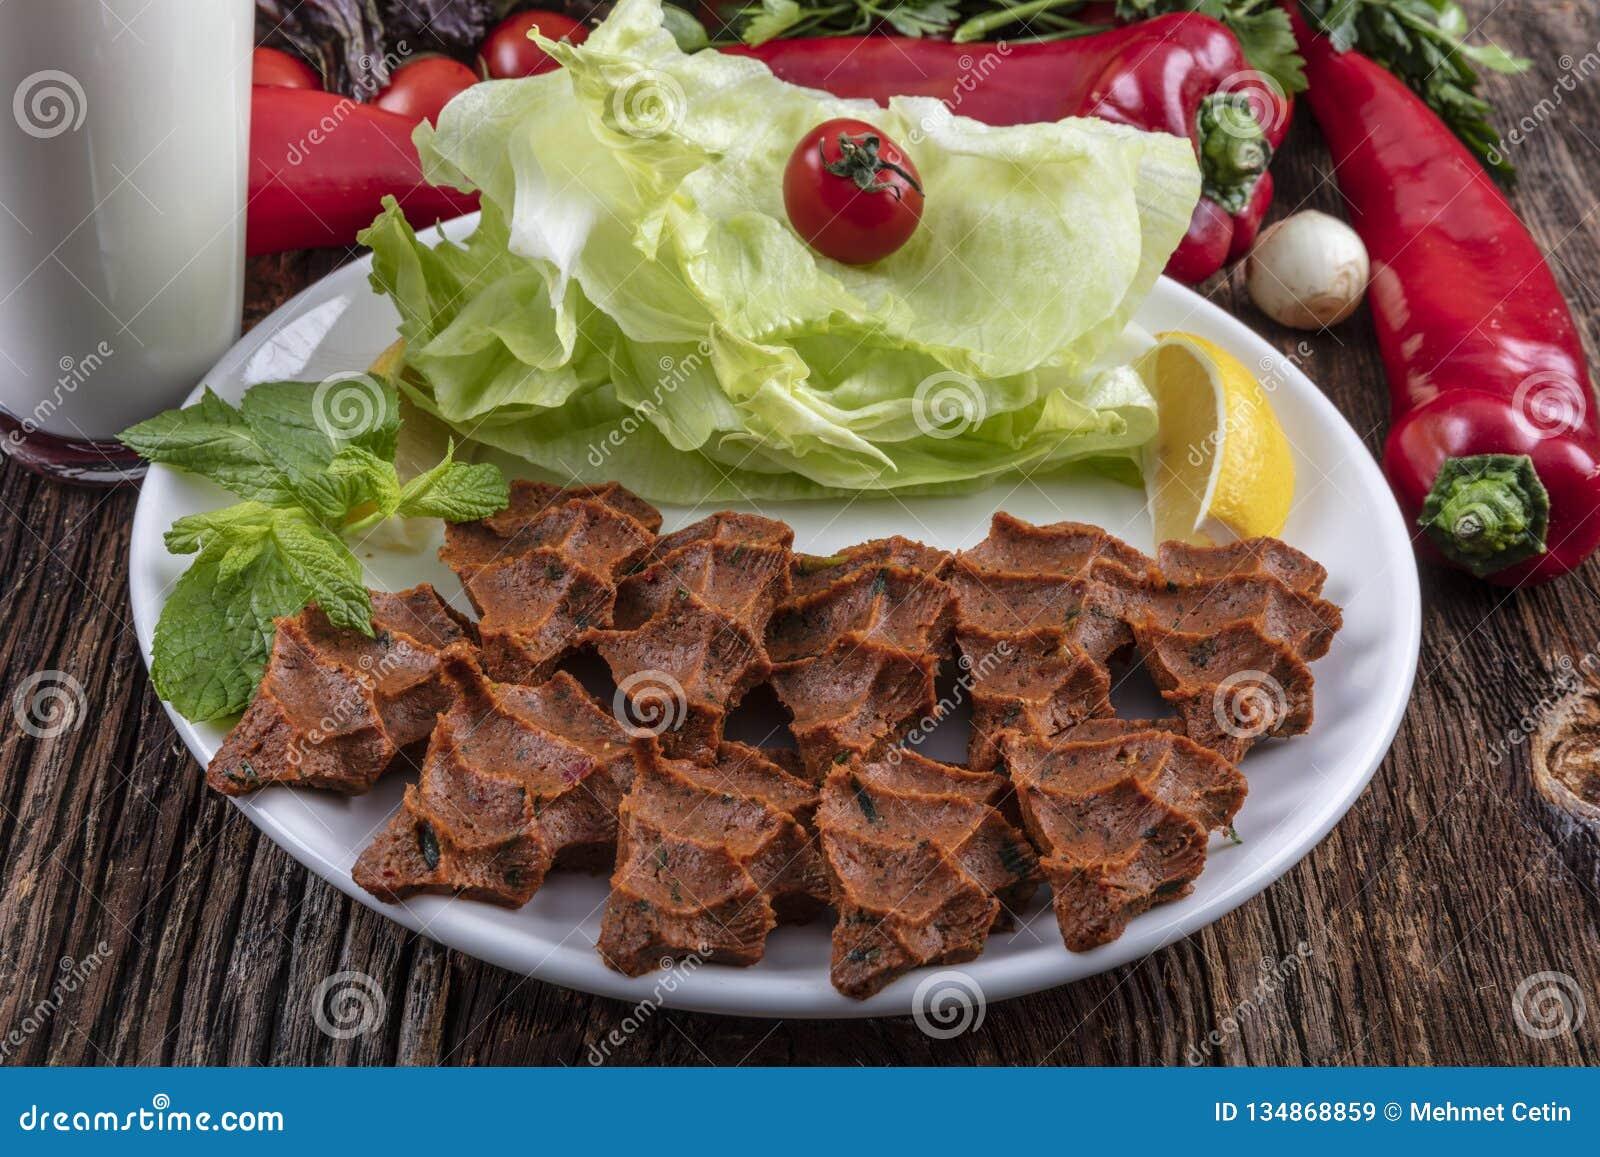 Kofte сигарет, блюдо сырого мяса в турецких и армянских кухнях E